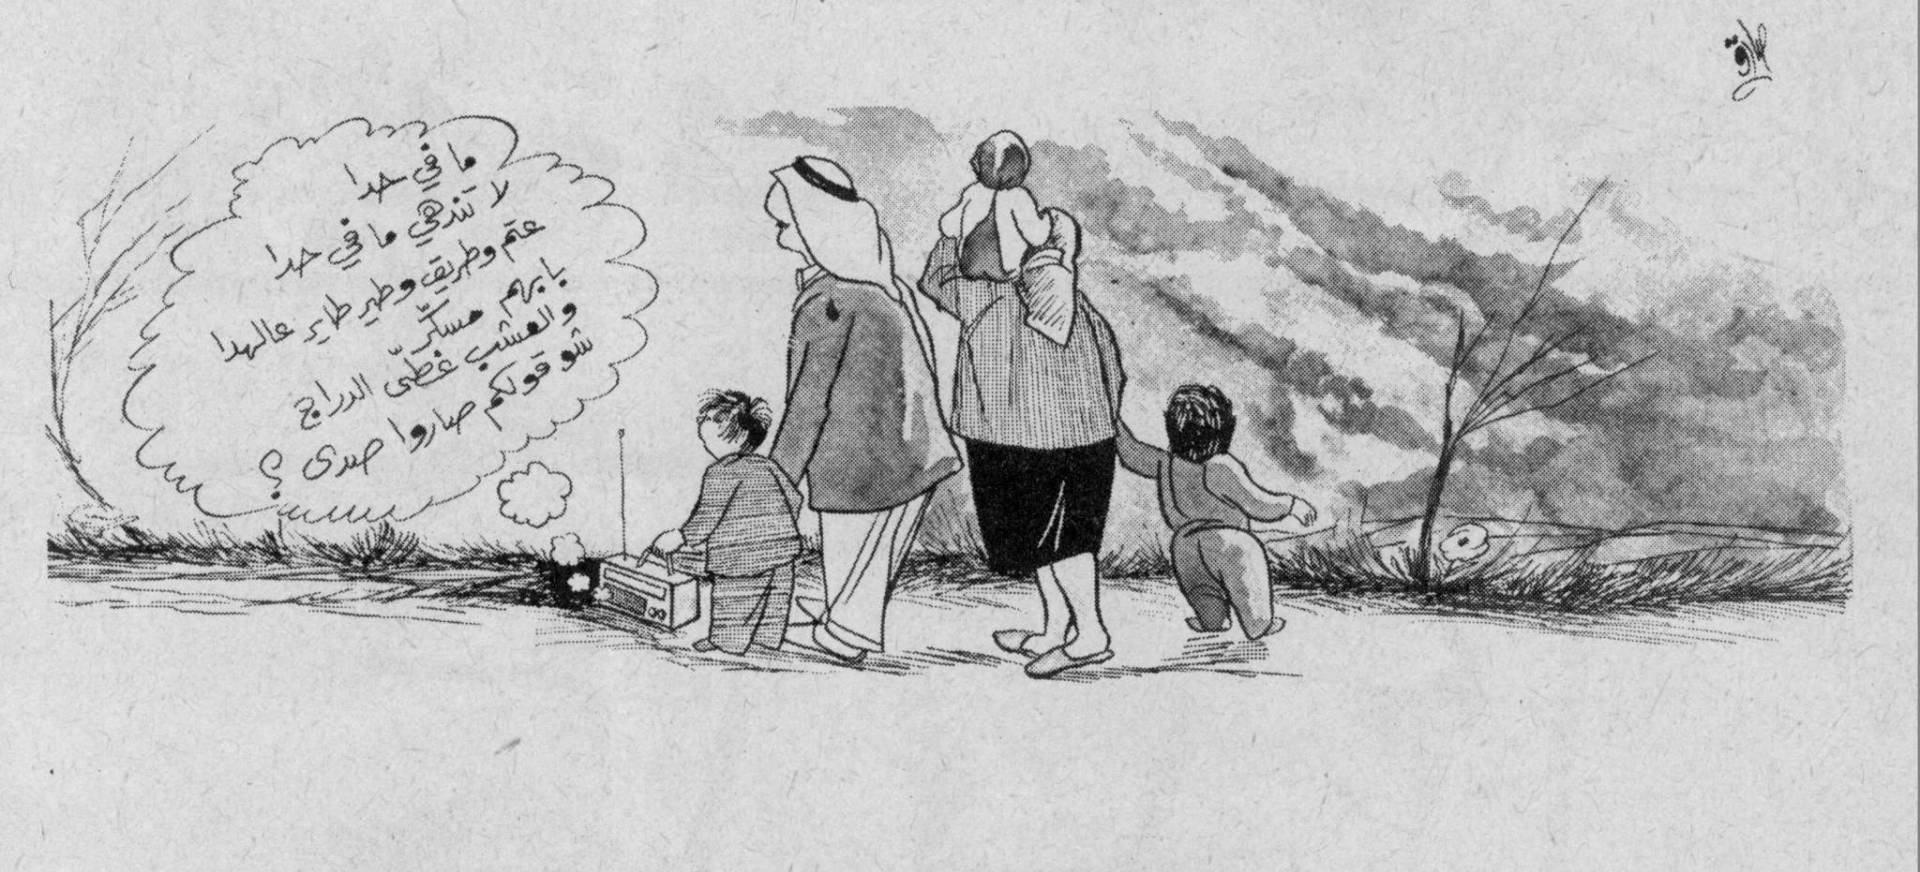 صورة كاريكاتيرية